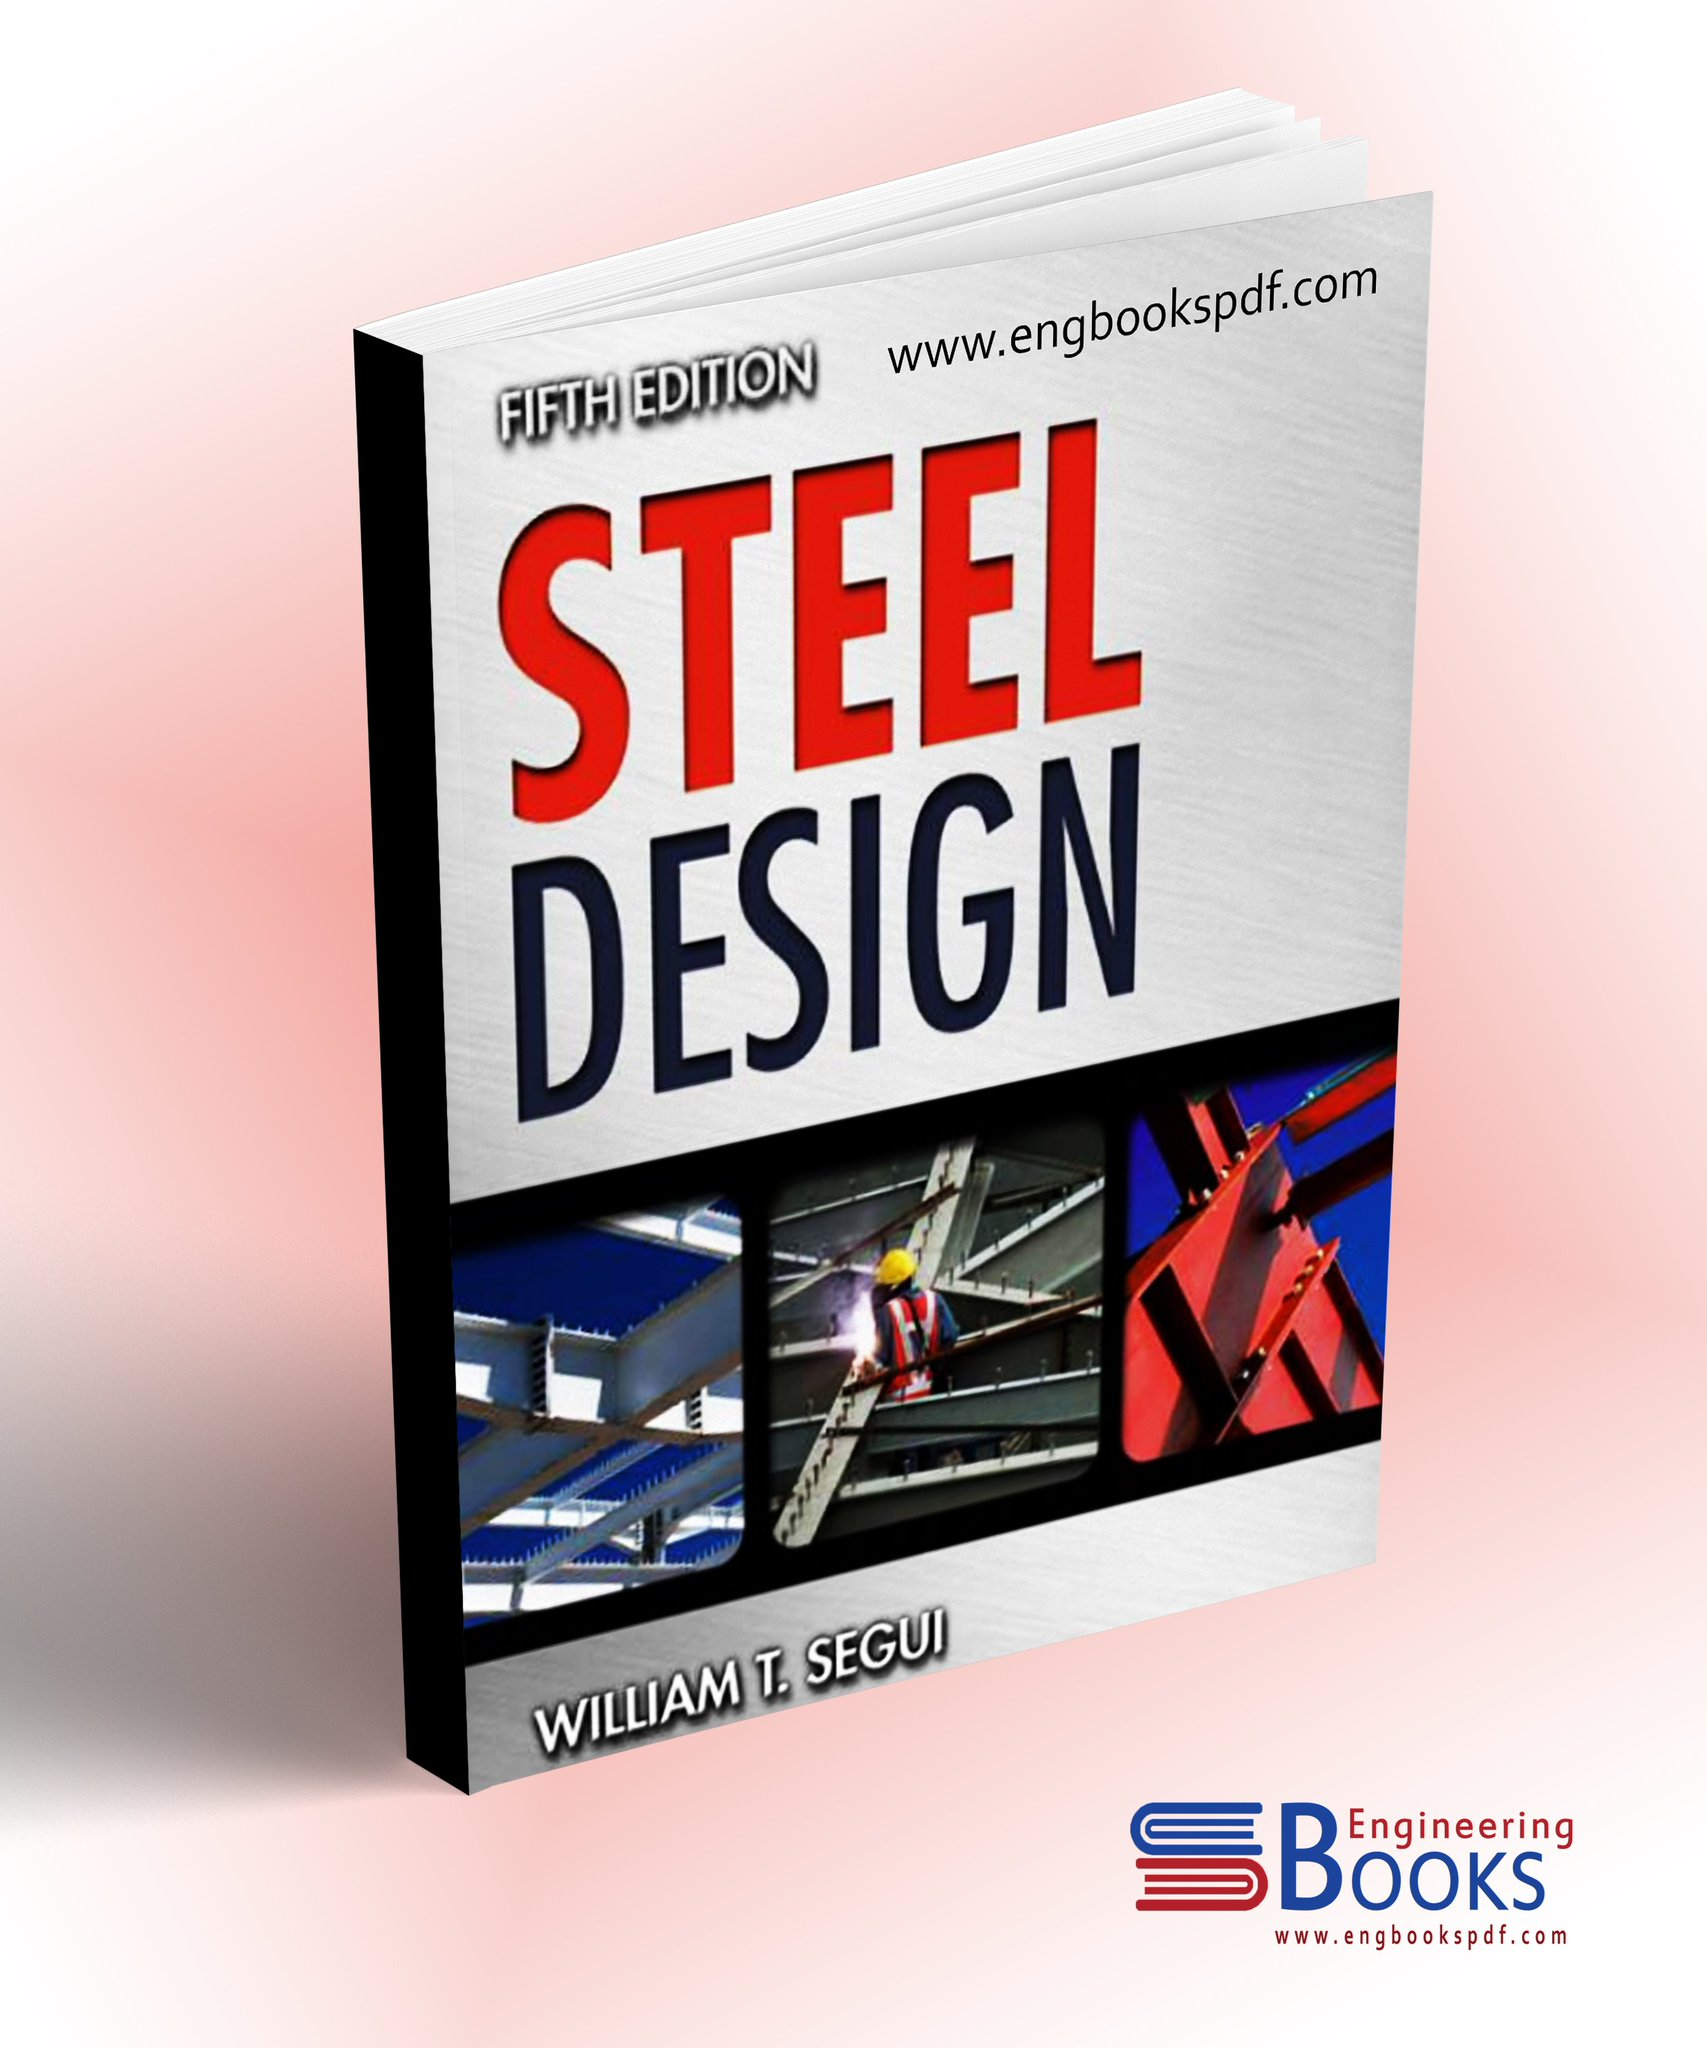 steel design 5th edition william t segui free download